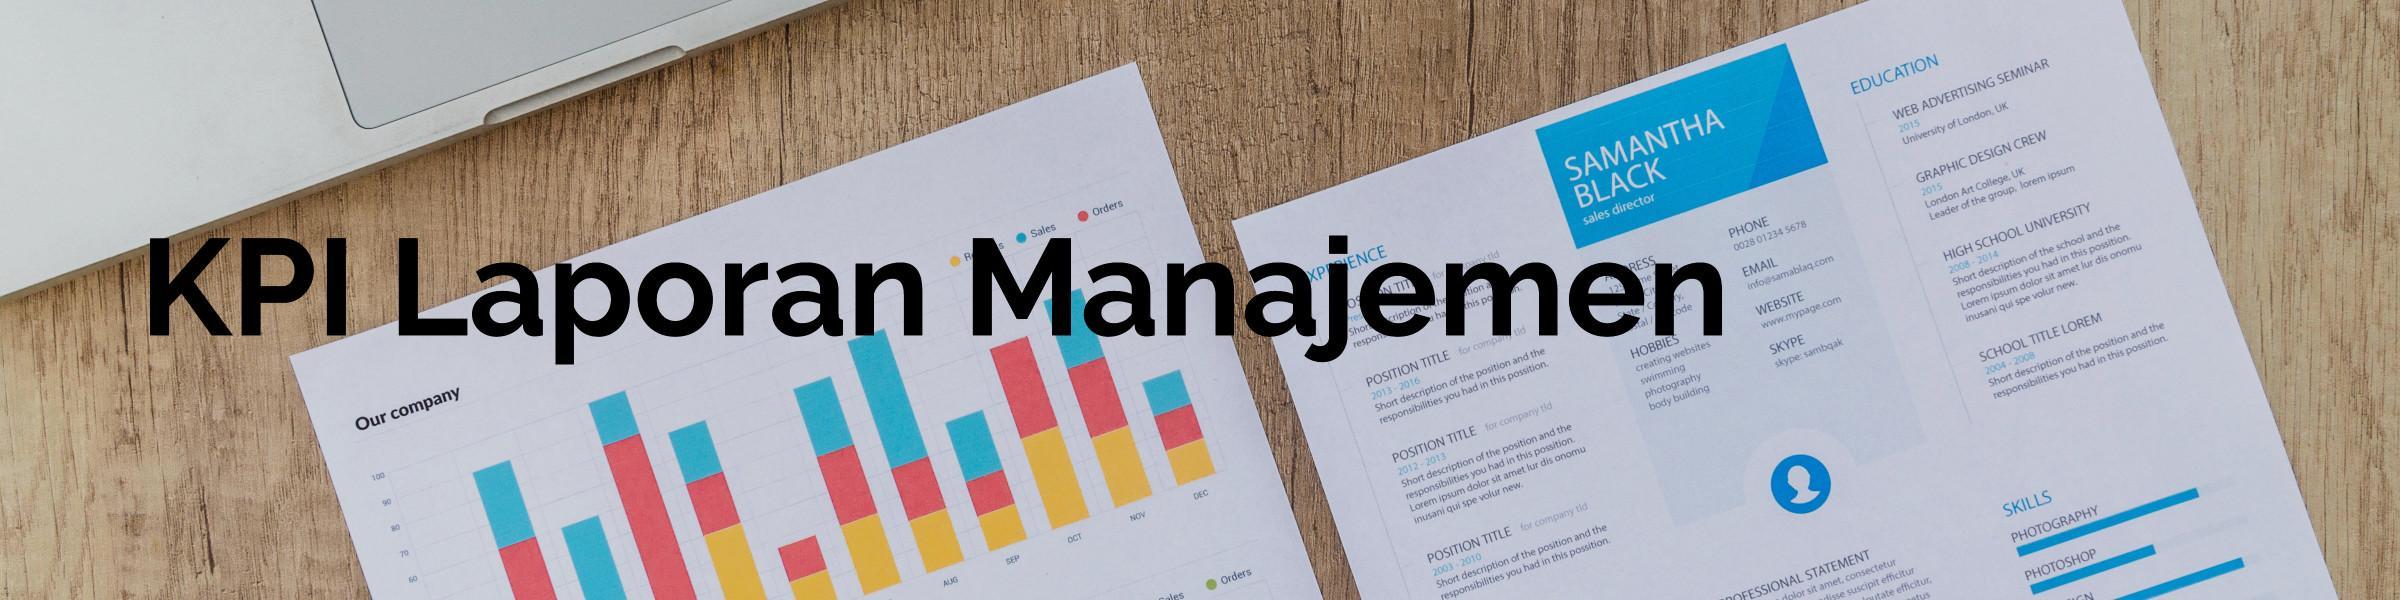 KPI Laporan Manajemen 2400-x-600.jpg